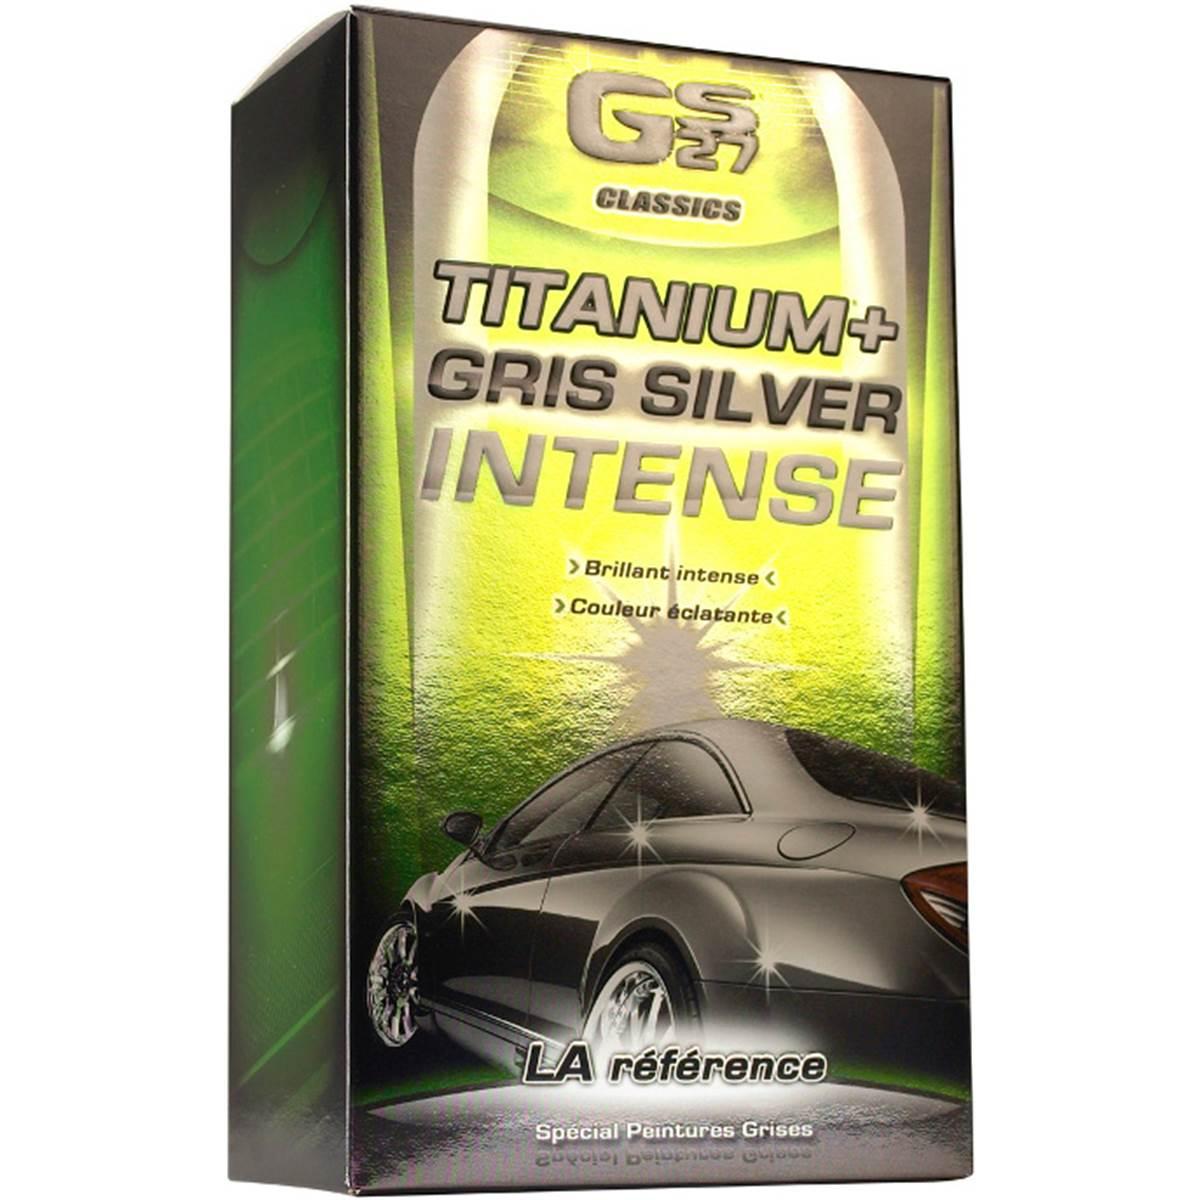 COFFRET LUSTREUR TITANIUM+ GRIS SILVER INTENSE GS27